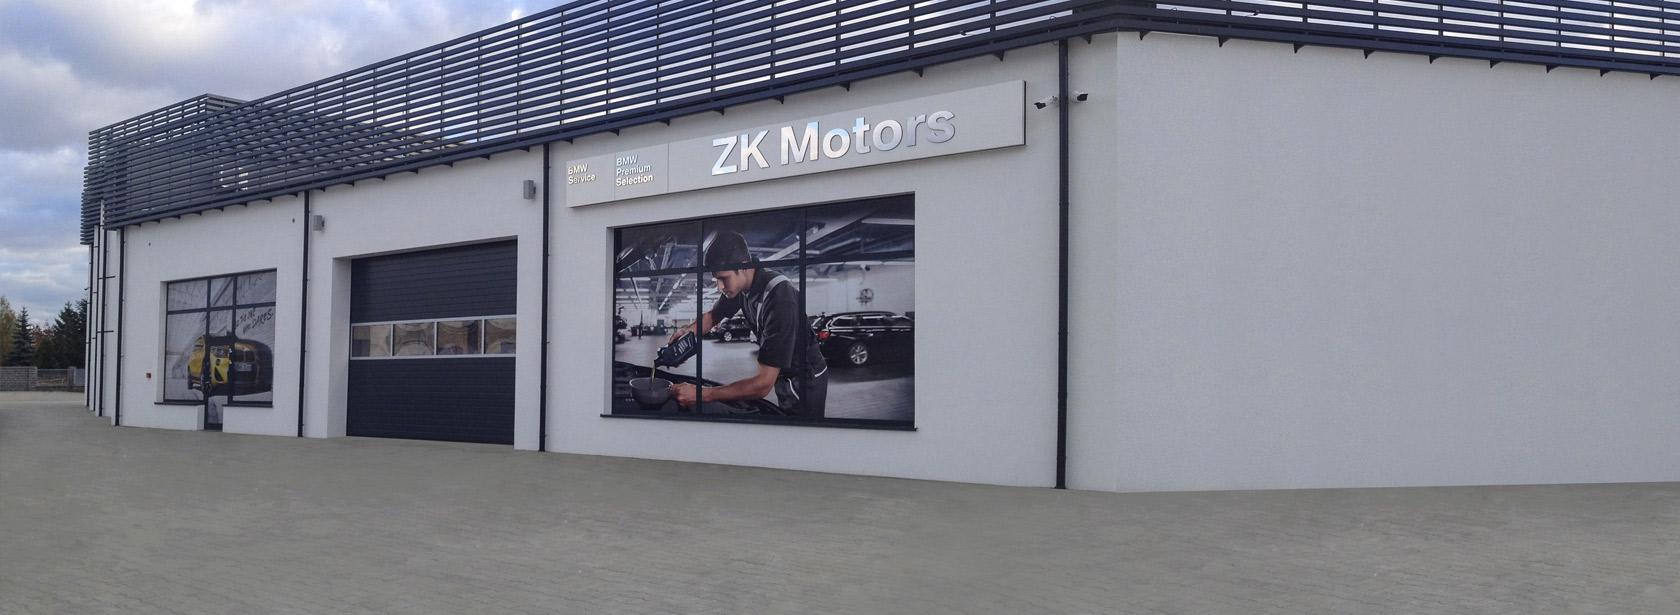 Autoryzowany Serwis BMW ZK Motors Radom.